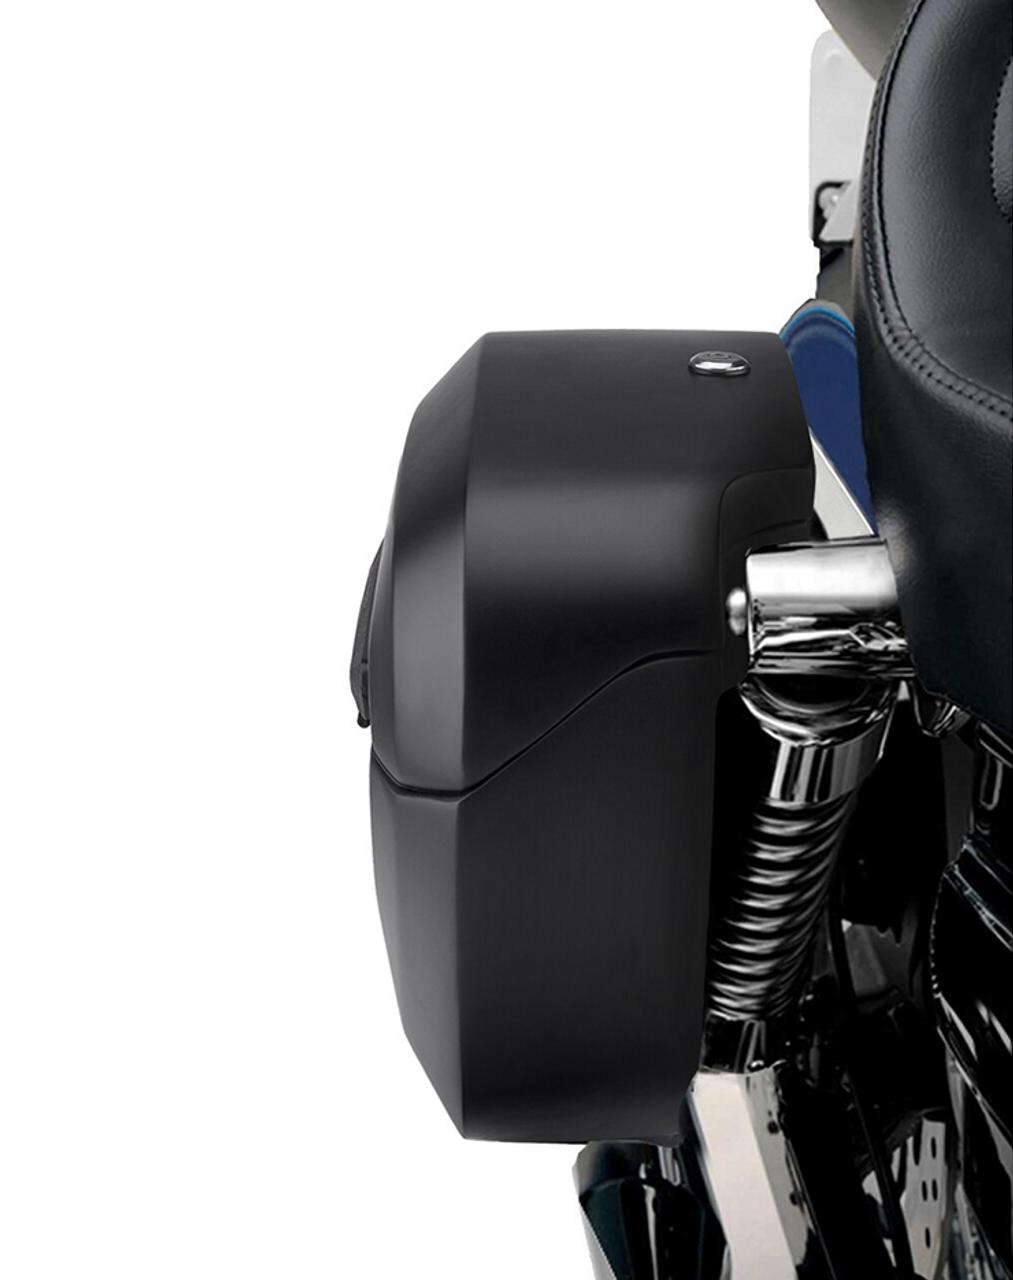 Viking Lamellar Shock Cutout Large Matte Motorcycle Hard Saddlebags For Honda VTX 1300 T Tourer Shock Cutout View